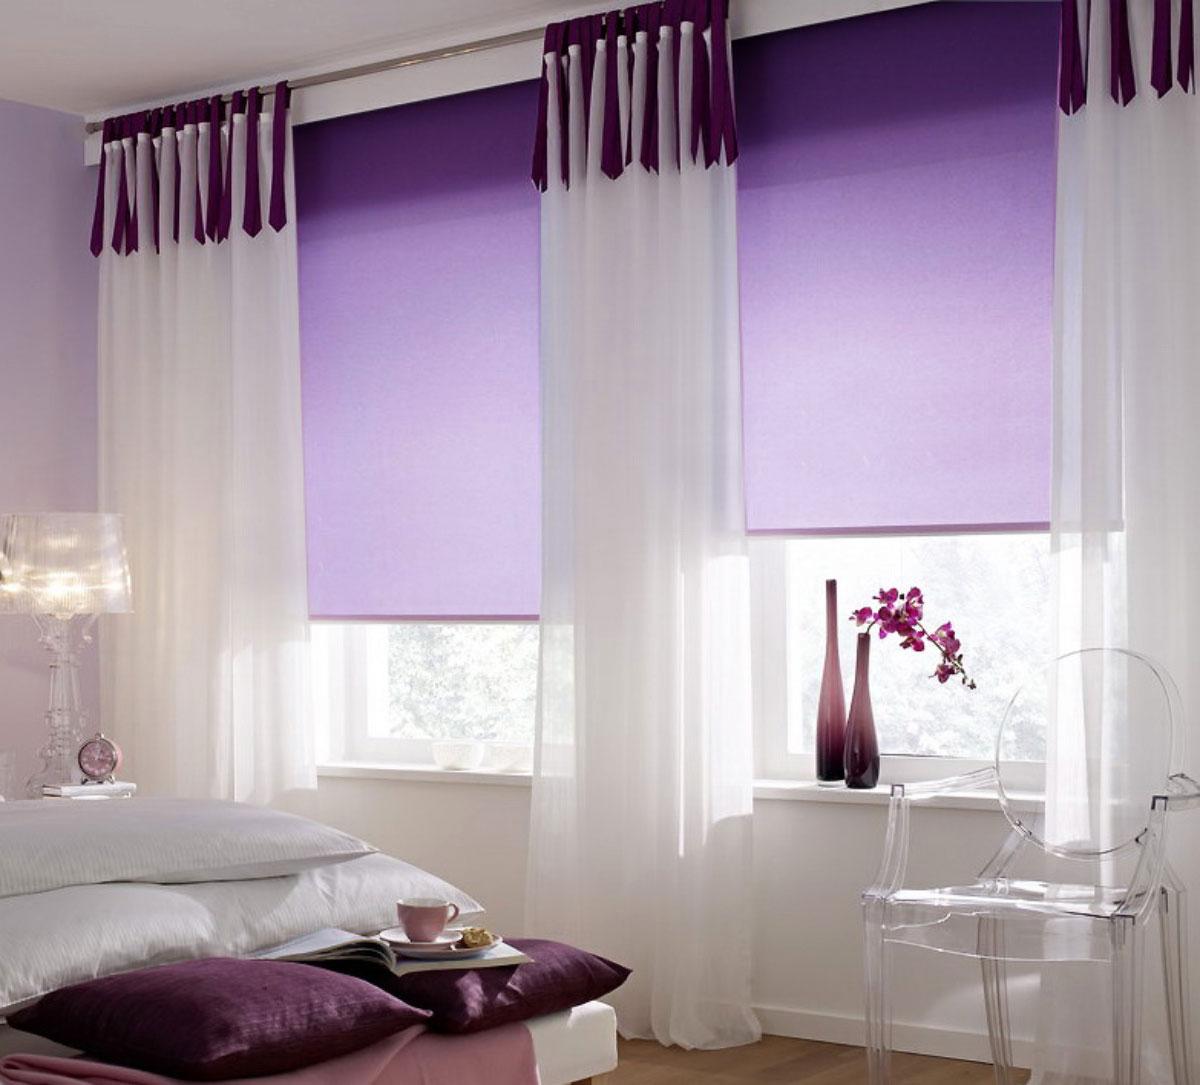 Штора рулонная Миниролло, 48х170см, тканевые, цвет: фиолетовый3048007Рулонная штора Миниролло выполнена из высокопрочной ткани, которая сохраняет свой размер даже при намокании. Ткань не выцветает и обладает отличной цветоустойчивостью. Миниролло - это подвид рулонных штор, который закрывает не весь оконный проем, а непосредственно само стекло. Такие шторы крепятся на раму без сверления при помощи зажимов или клейкой двухсторонней ленты. Окно остается на гарантии, благодаря монтажу без сверления. Такая штора станет прекрасным элементом декора окна и гармонично впишется в интерьер любого помещения.